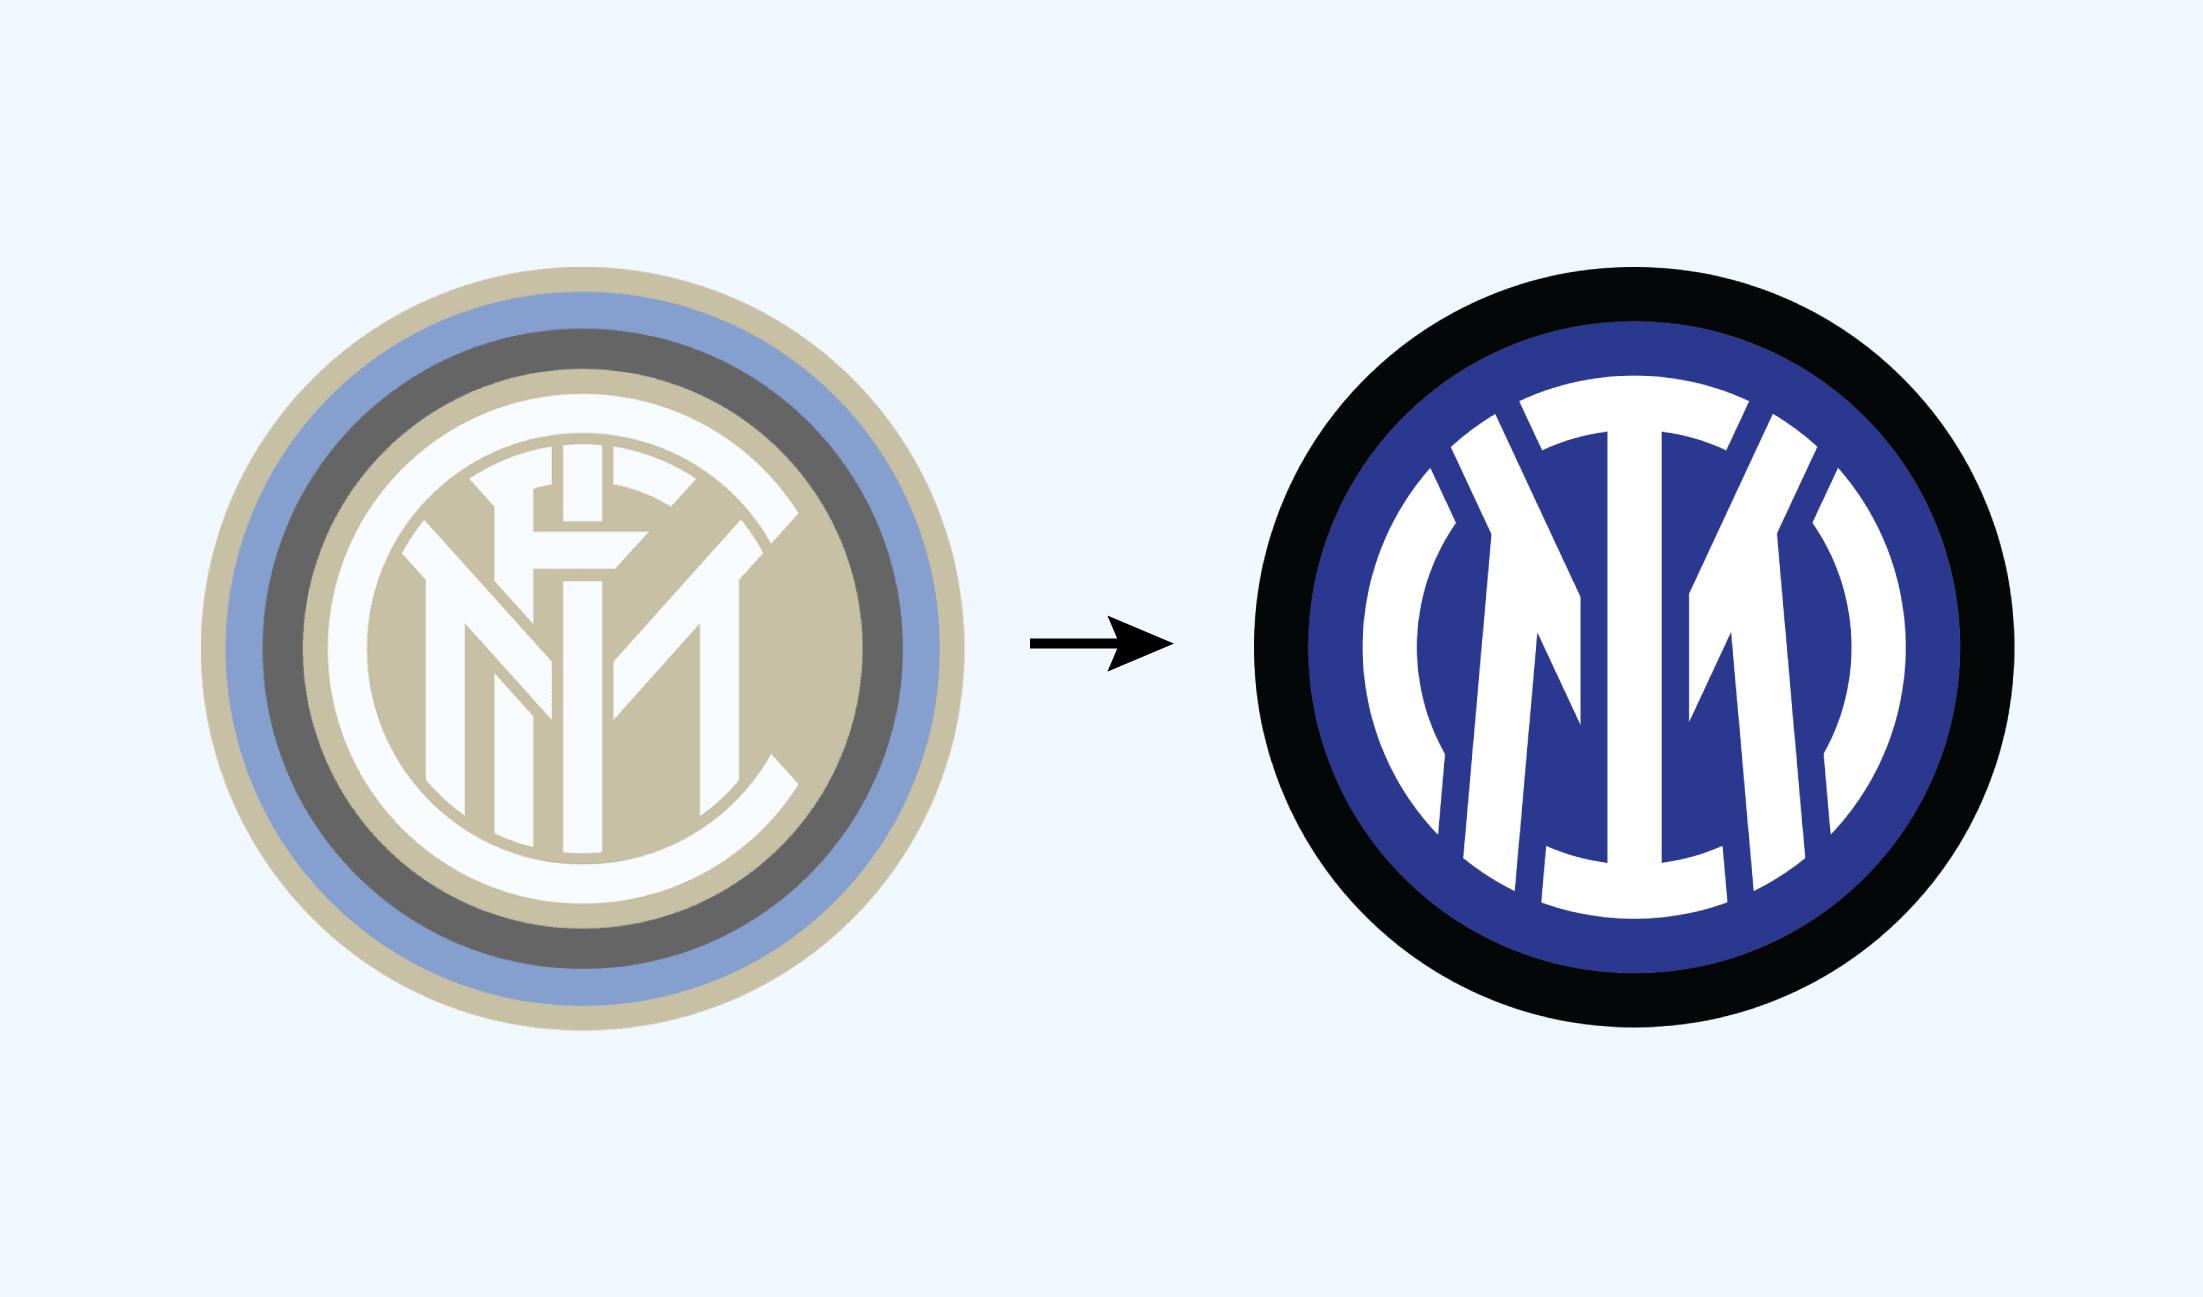 Évolution du logo de l'équipe de foot italienne : l'Inter de Milan